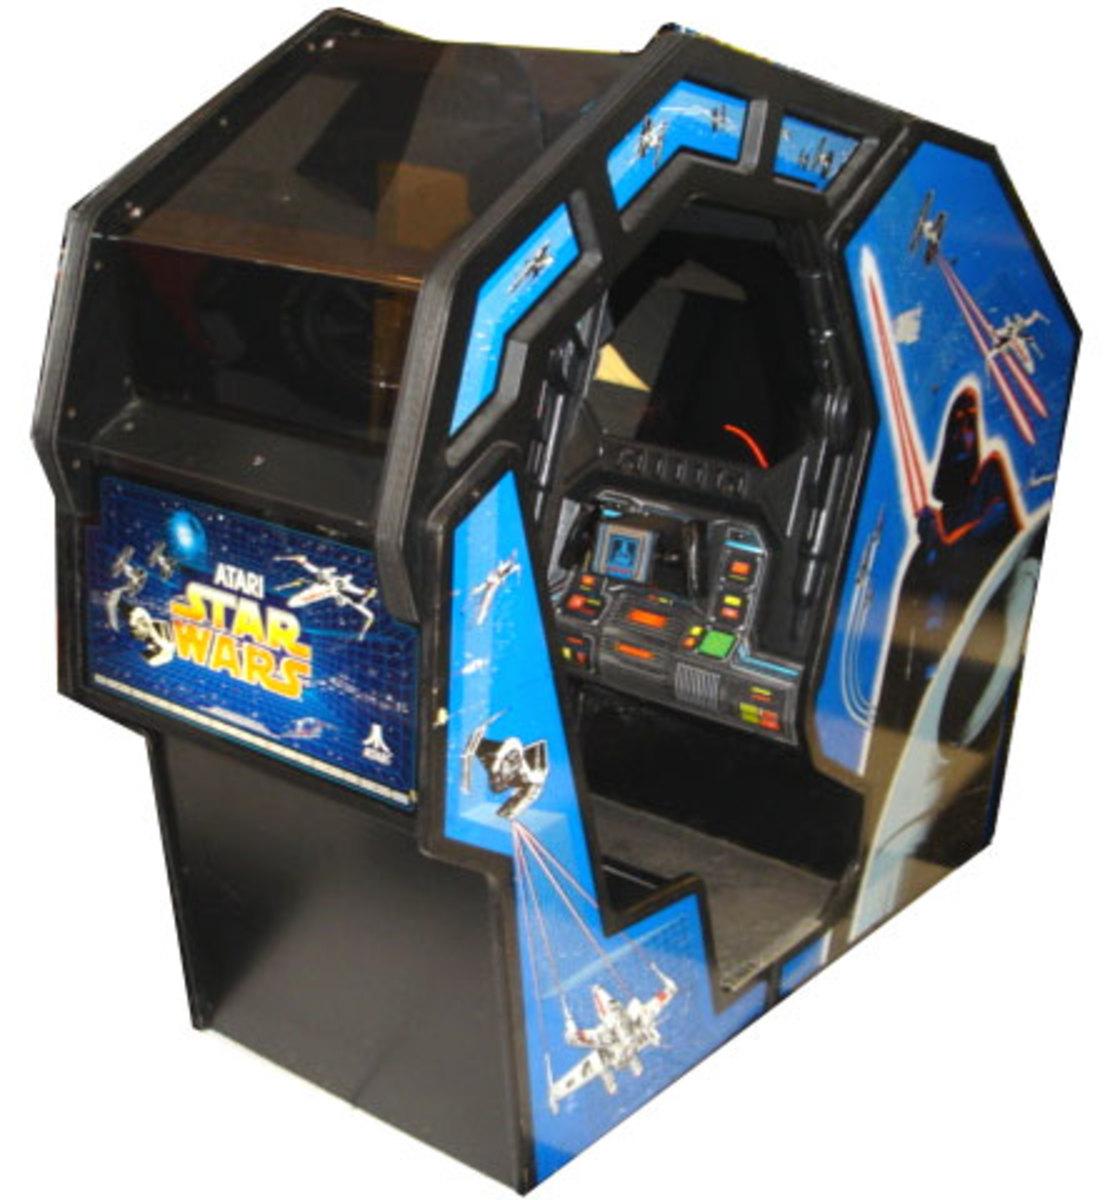 Star Wars Arcade Sit Down Cabinet